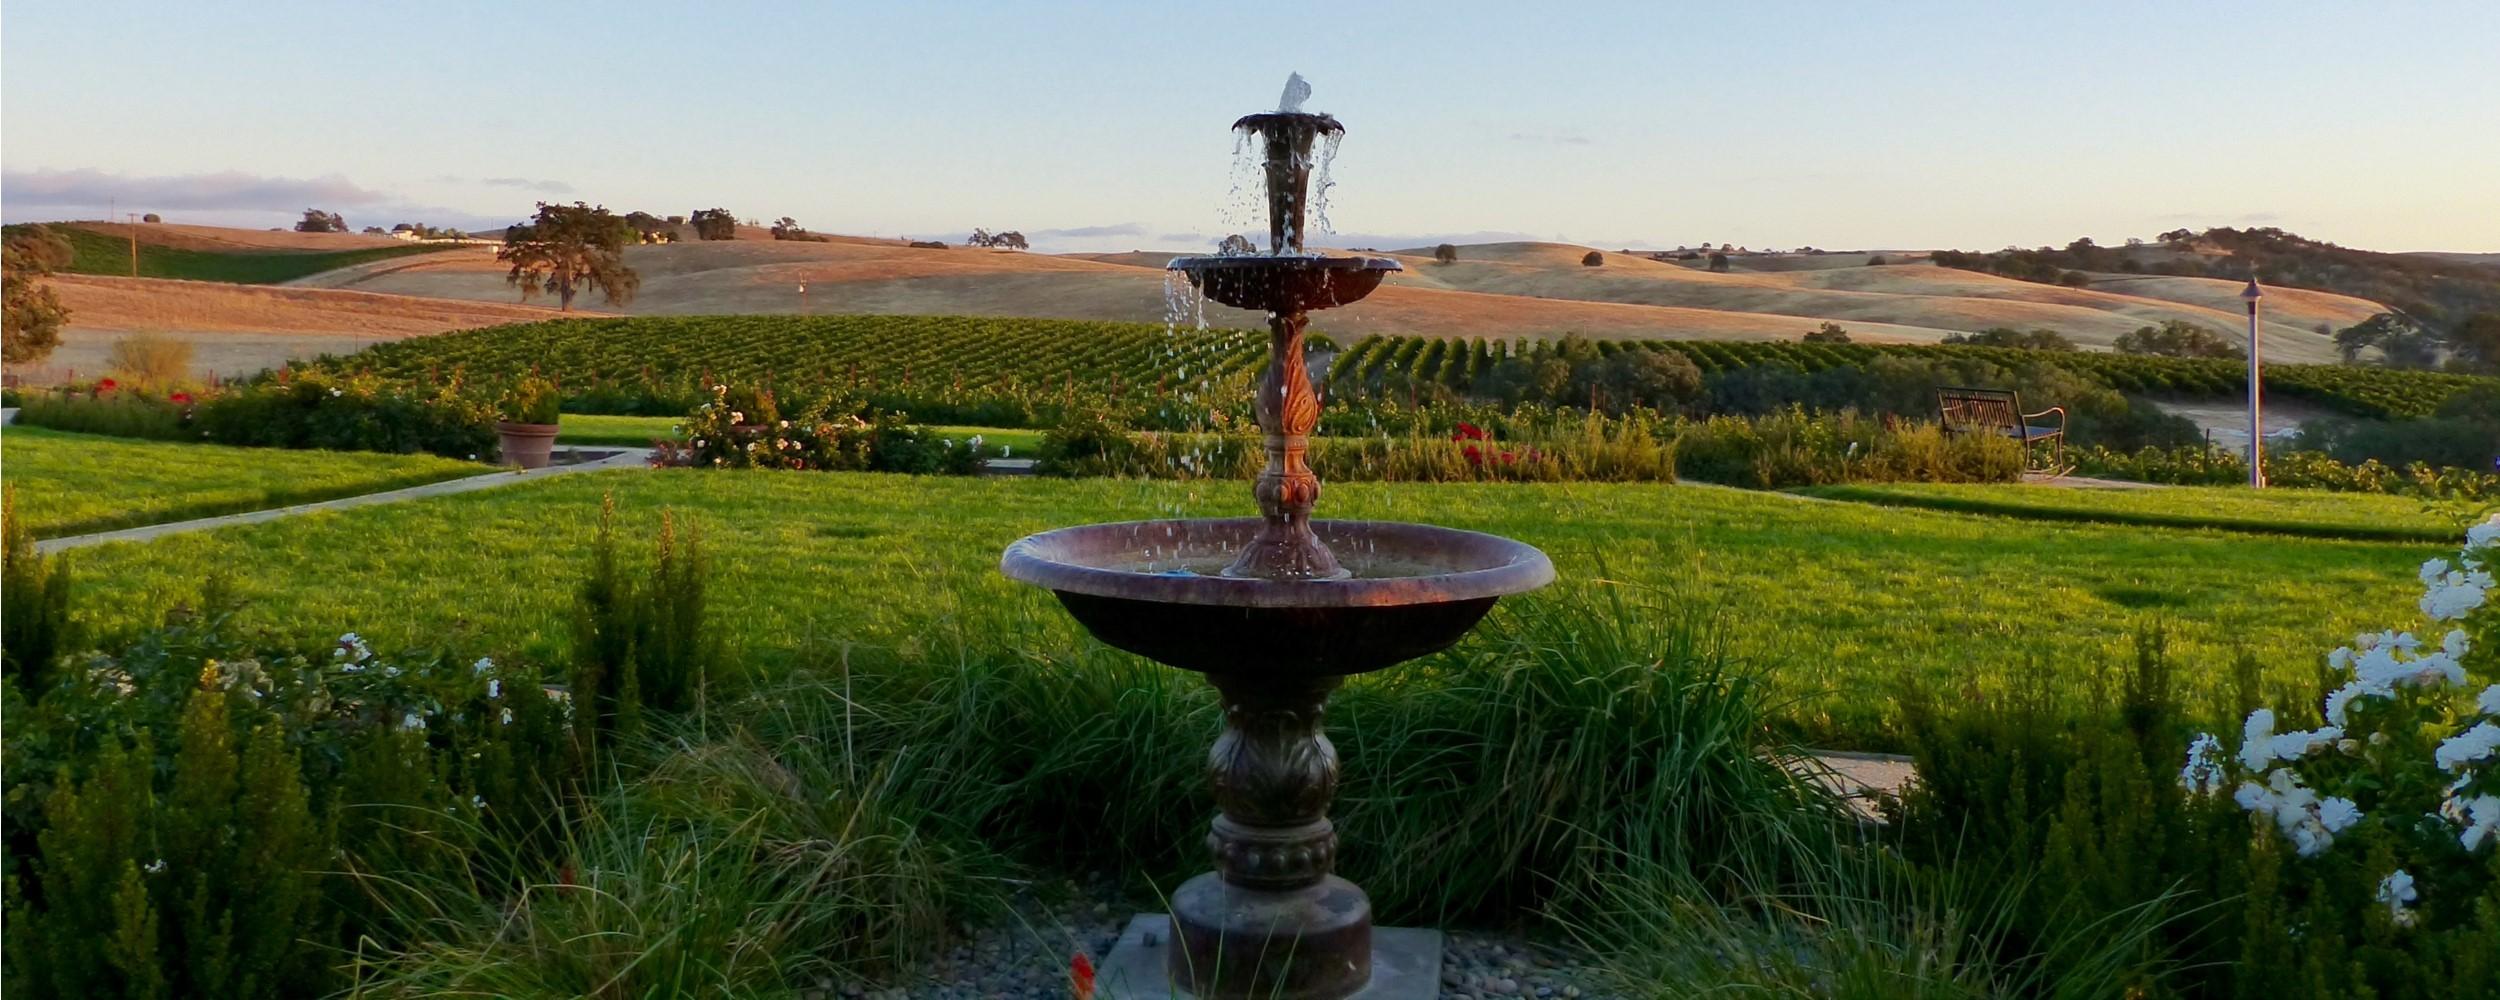 Home - Fountain 2 - 2500x1000